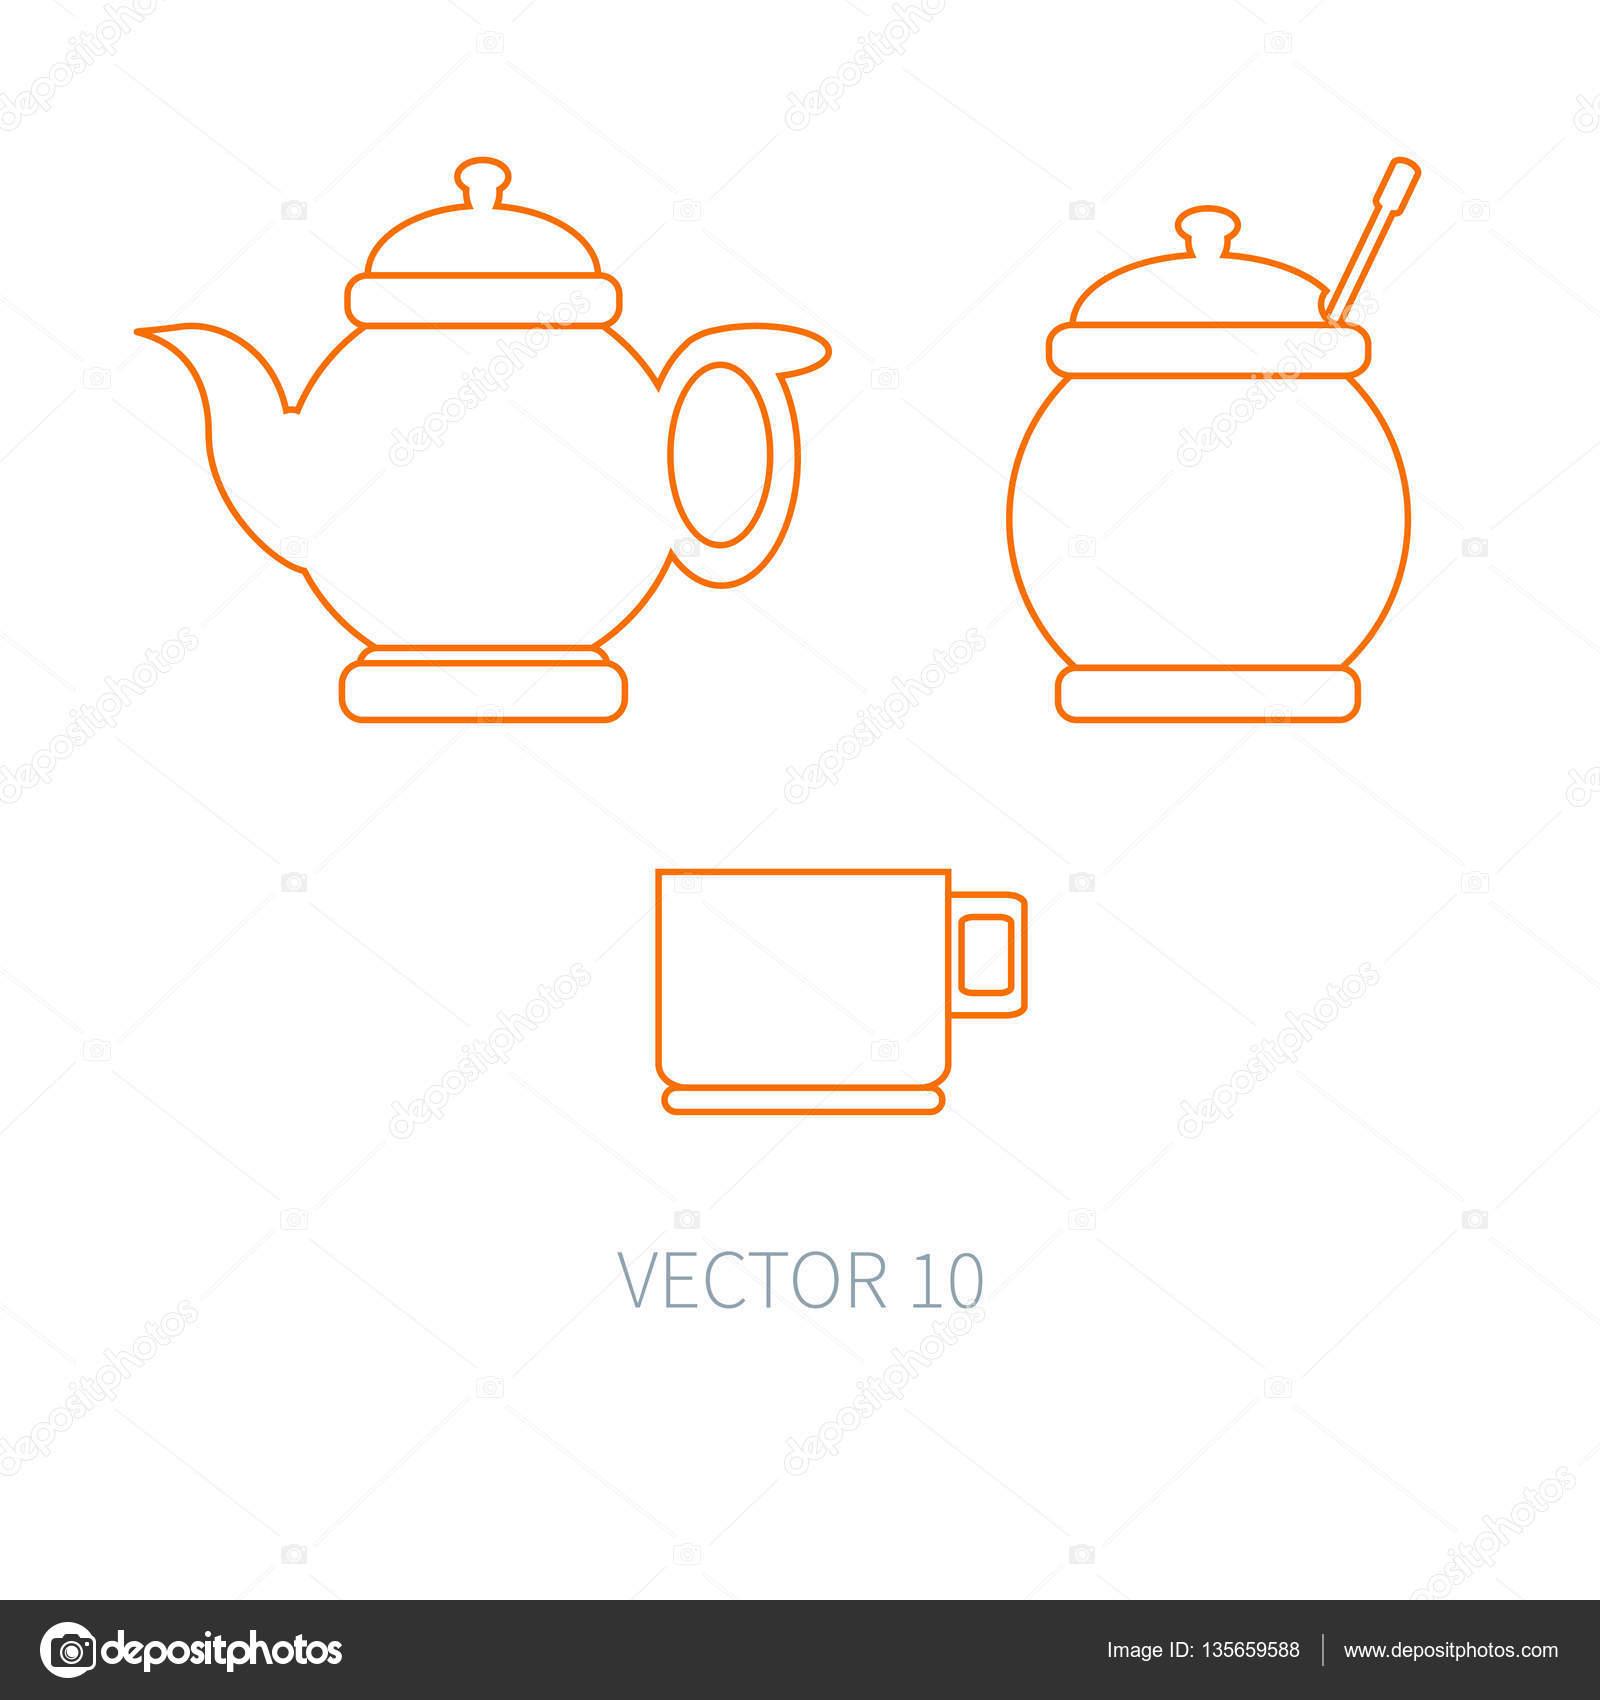 riga icone piane di vettore utensili da cucina zuccheriera teiera tazza strumenti di posate stile cartone animato elemento per il vostro disegno e